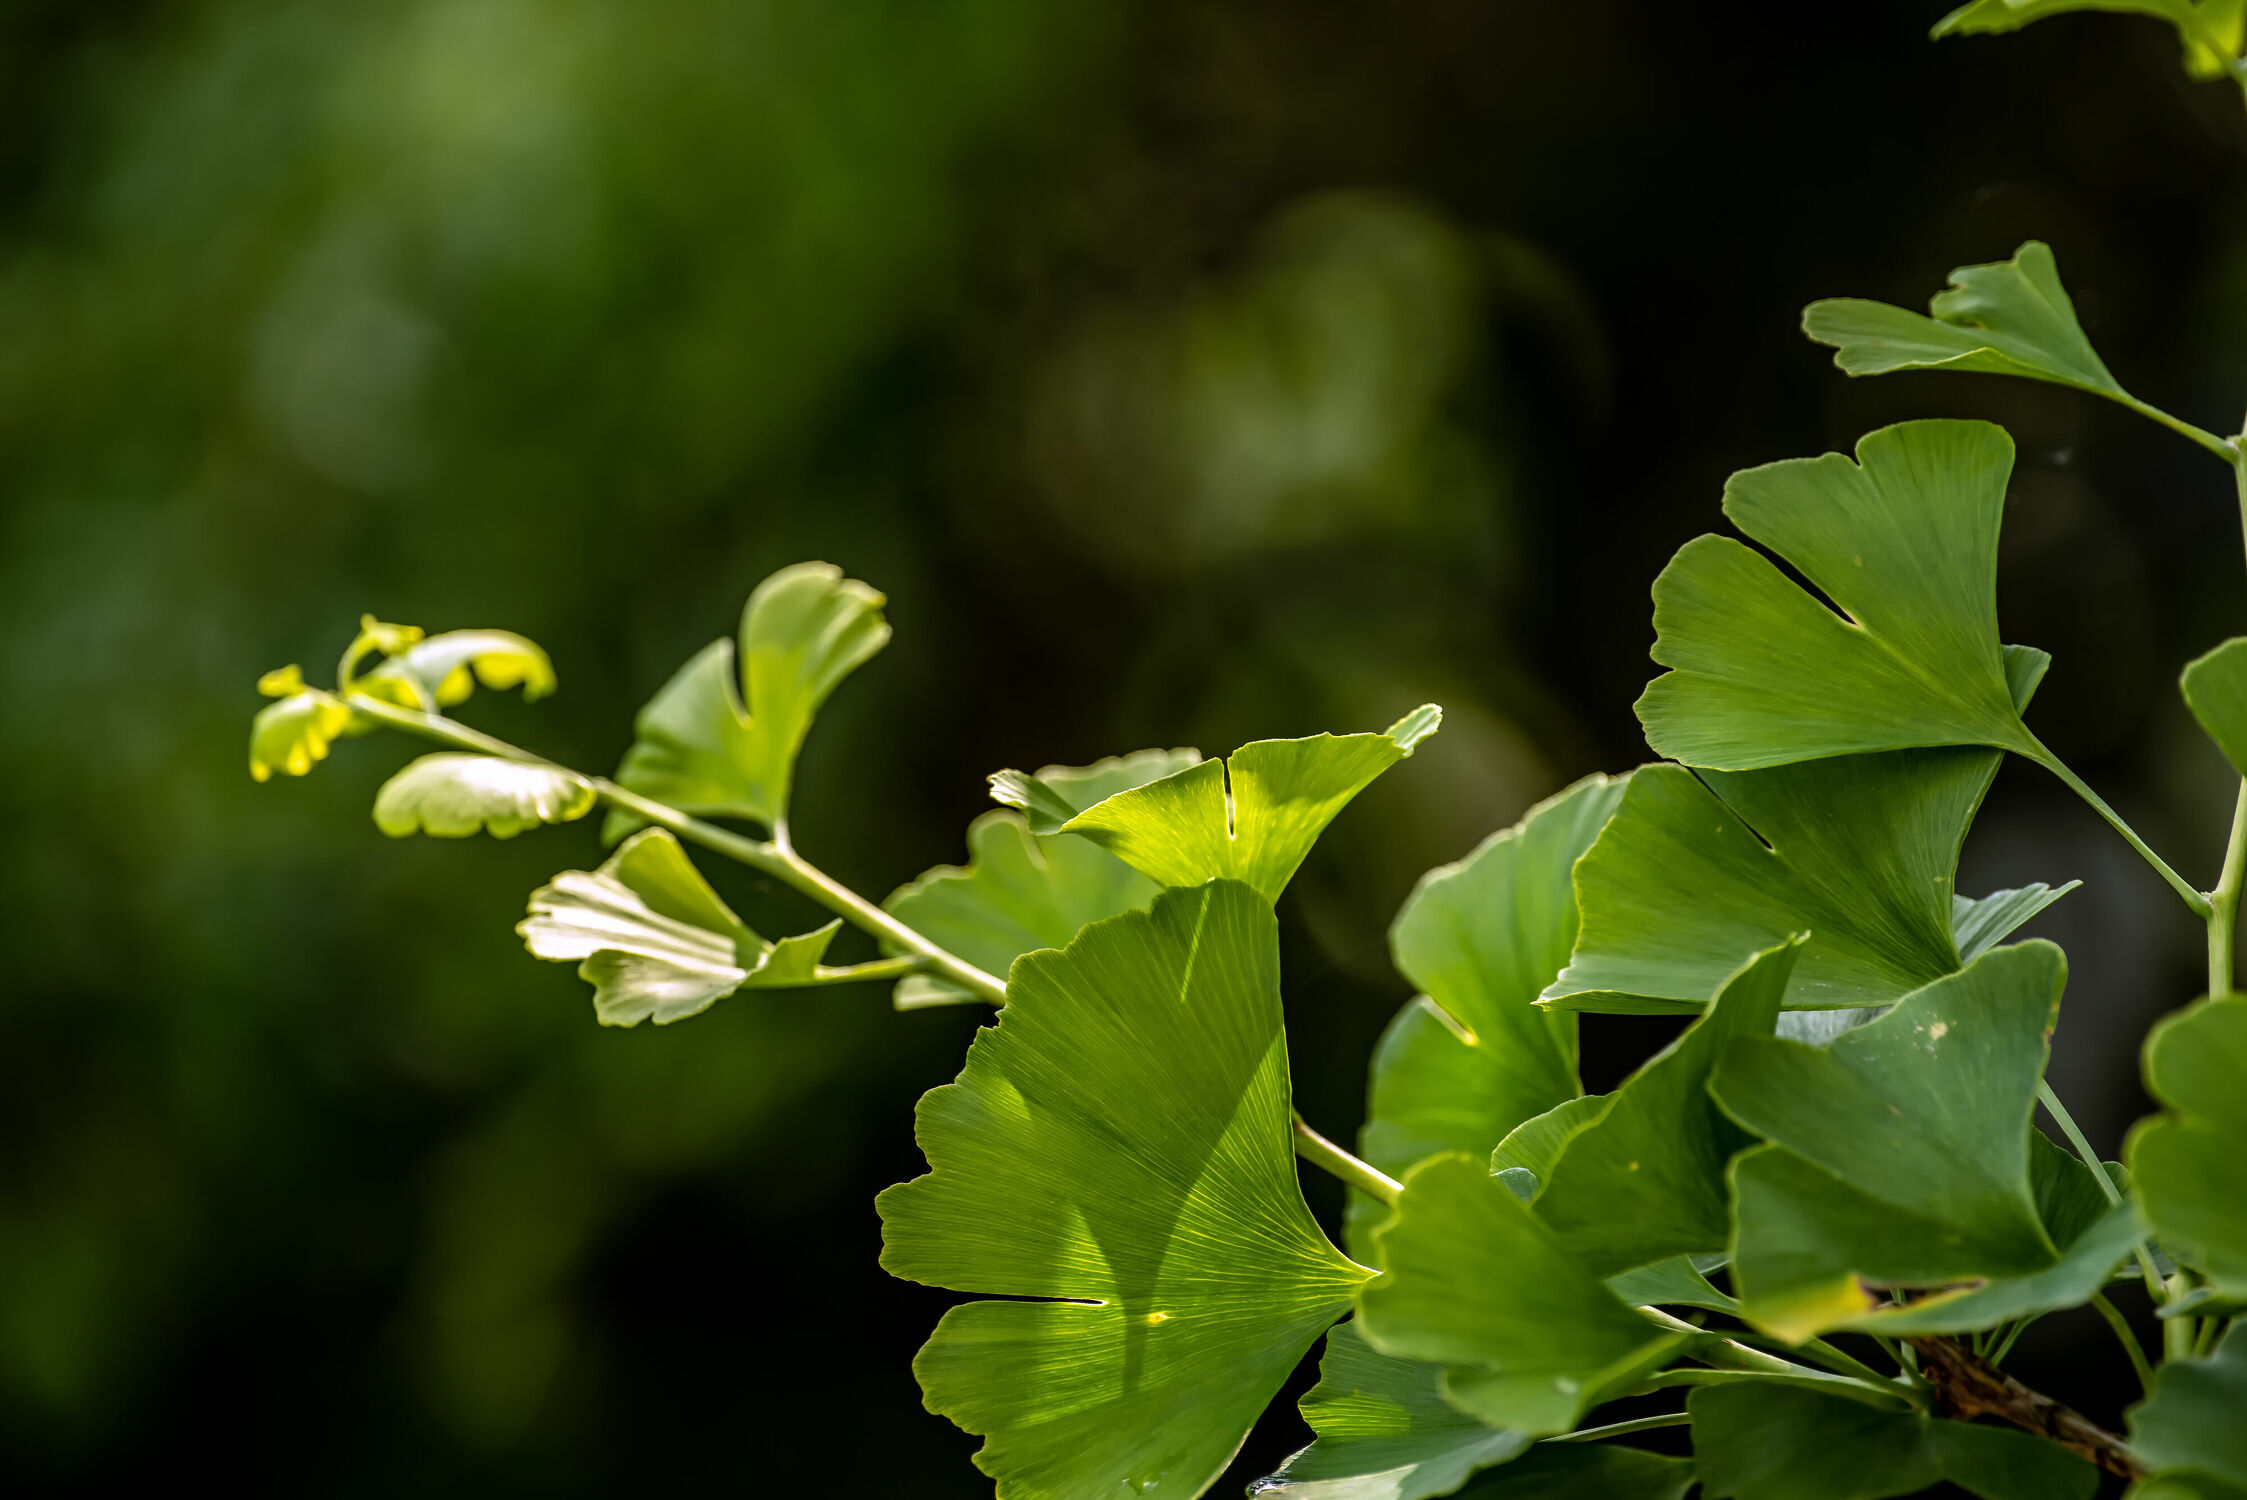 Bild mit Natur, Pflanzen, Sommer, Sonne, Baum, Blätter, Park, garten, Gewächse, Gingko